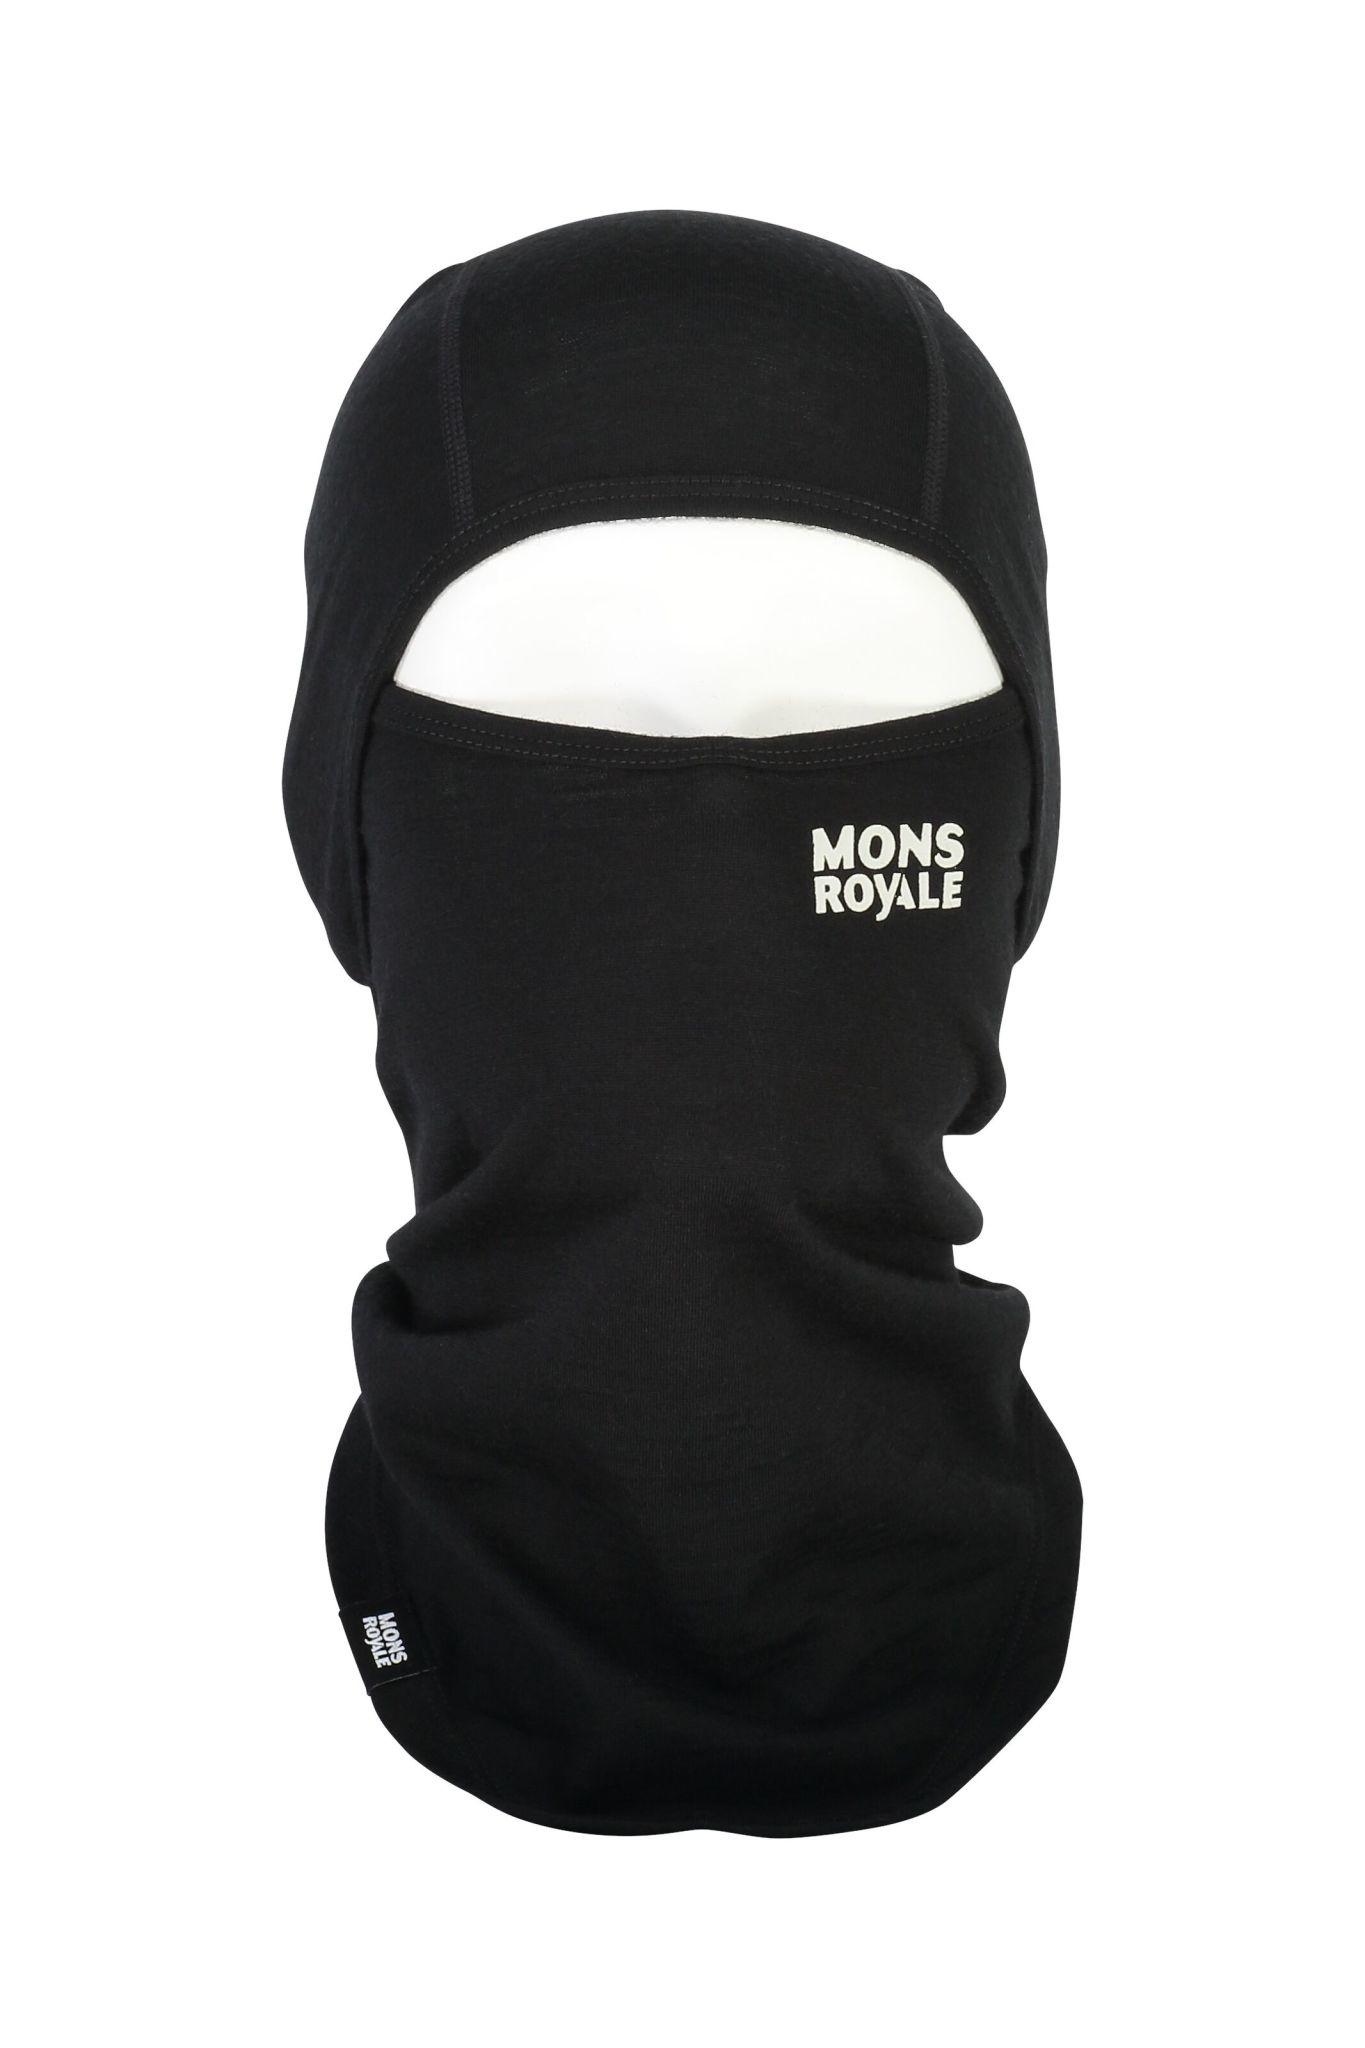 MONS ROYALE Mons Royale Santa Rosa 2.0 Hinge Balaclava